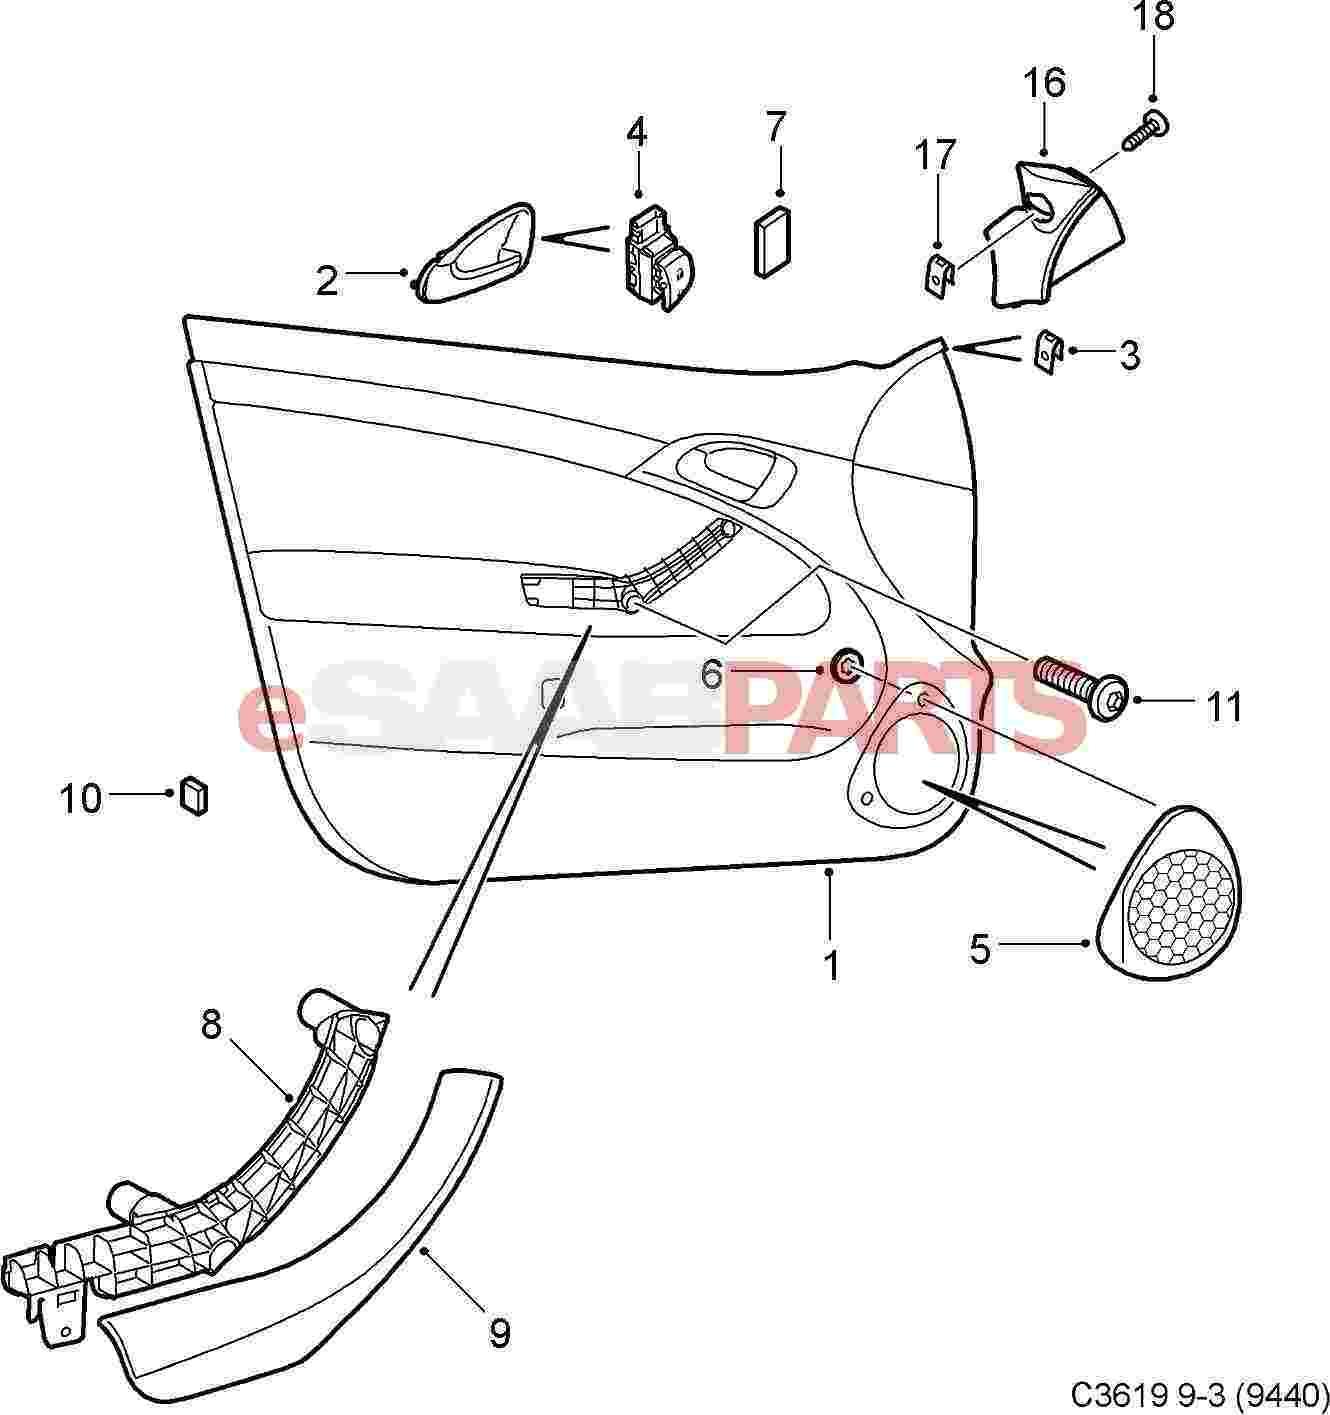 Saab Door Diagram Wiring Libraries 9 3 Diagrams Imgsaab Online Frame 12778146